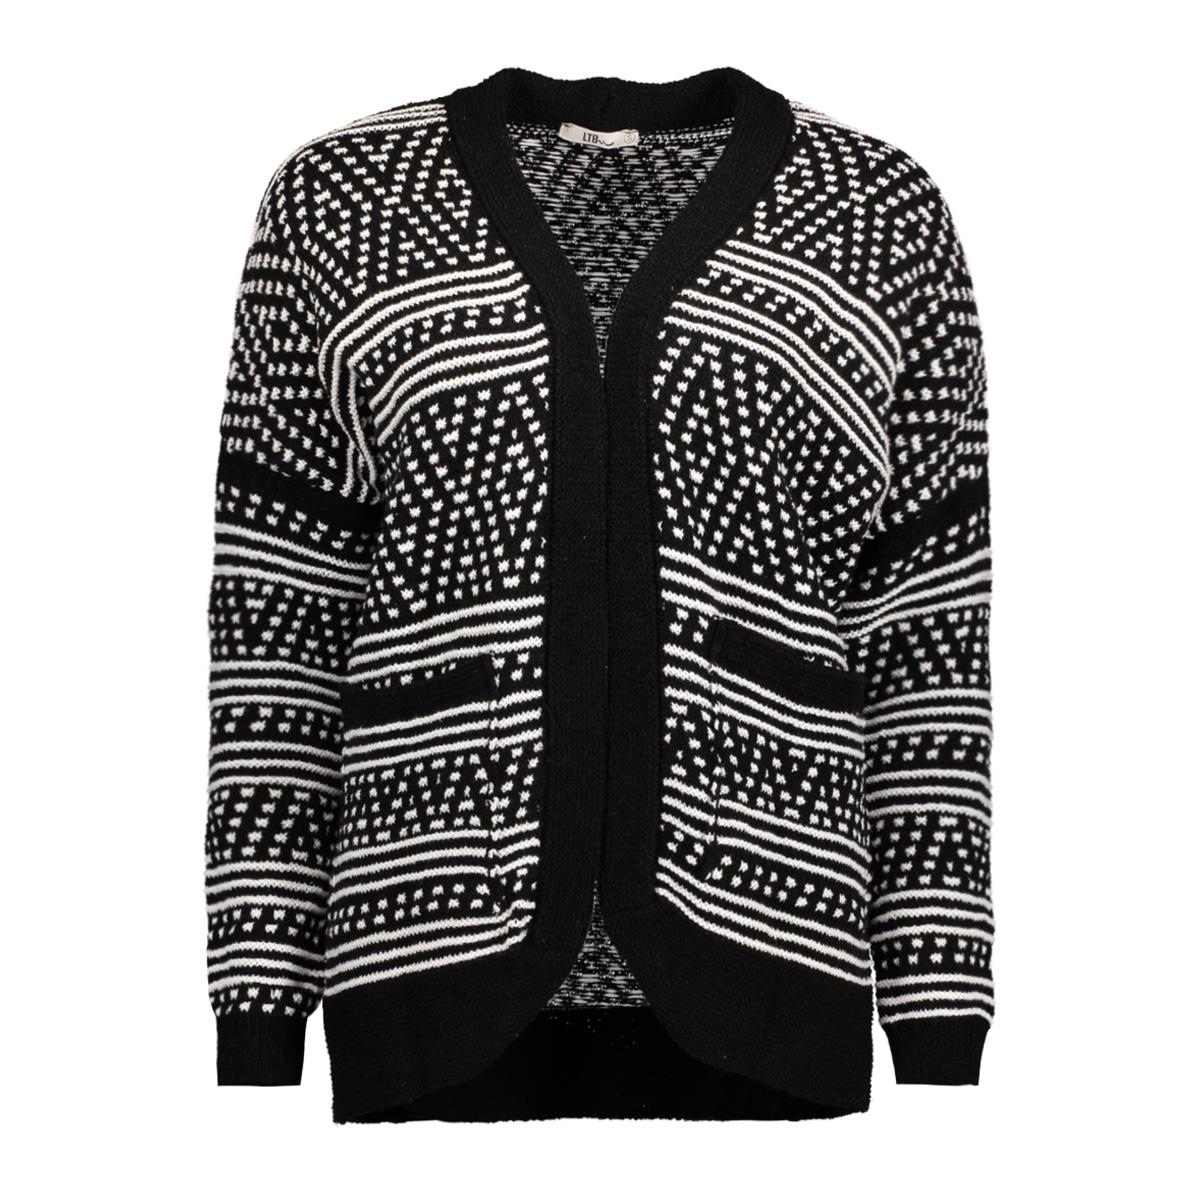 111812001.50249 naterjo ltb vest black white